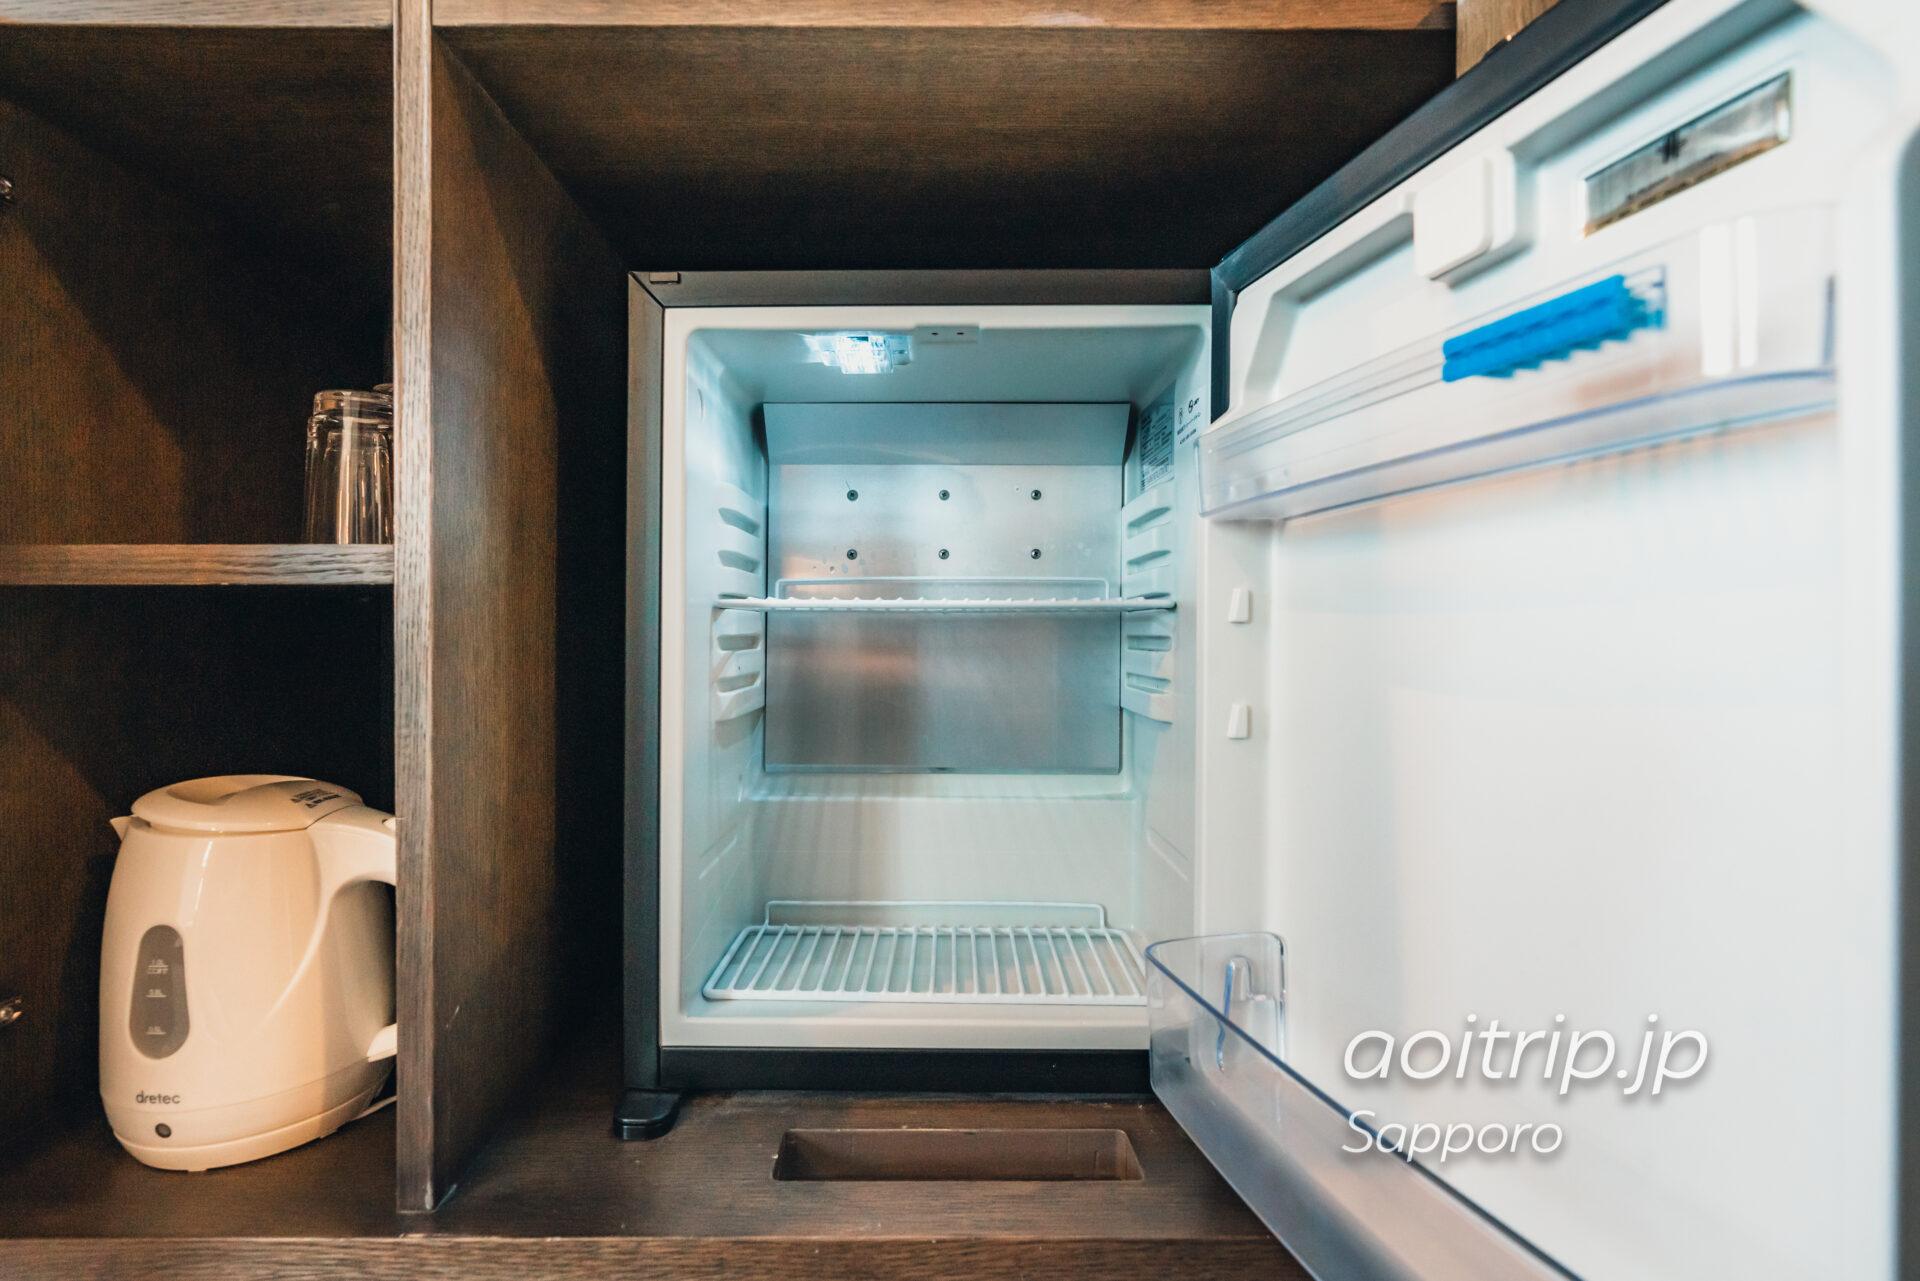 プレミアホテル中島公園 札幌 冷蔵庫と電気ケトル